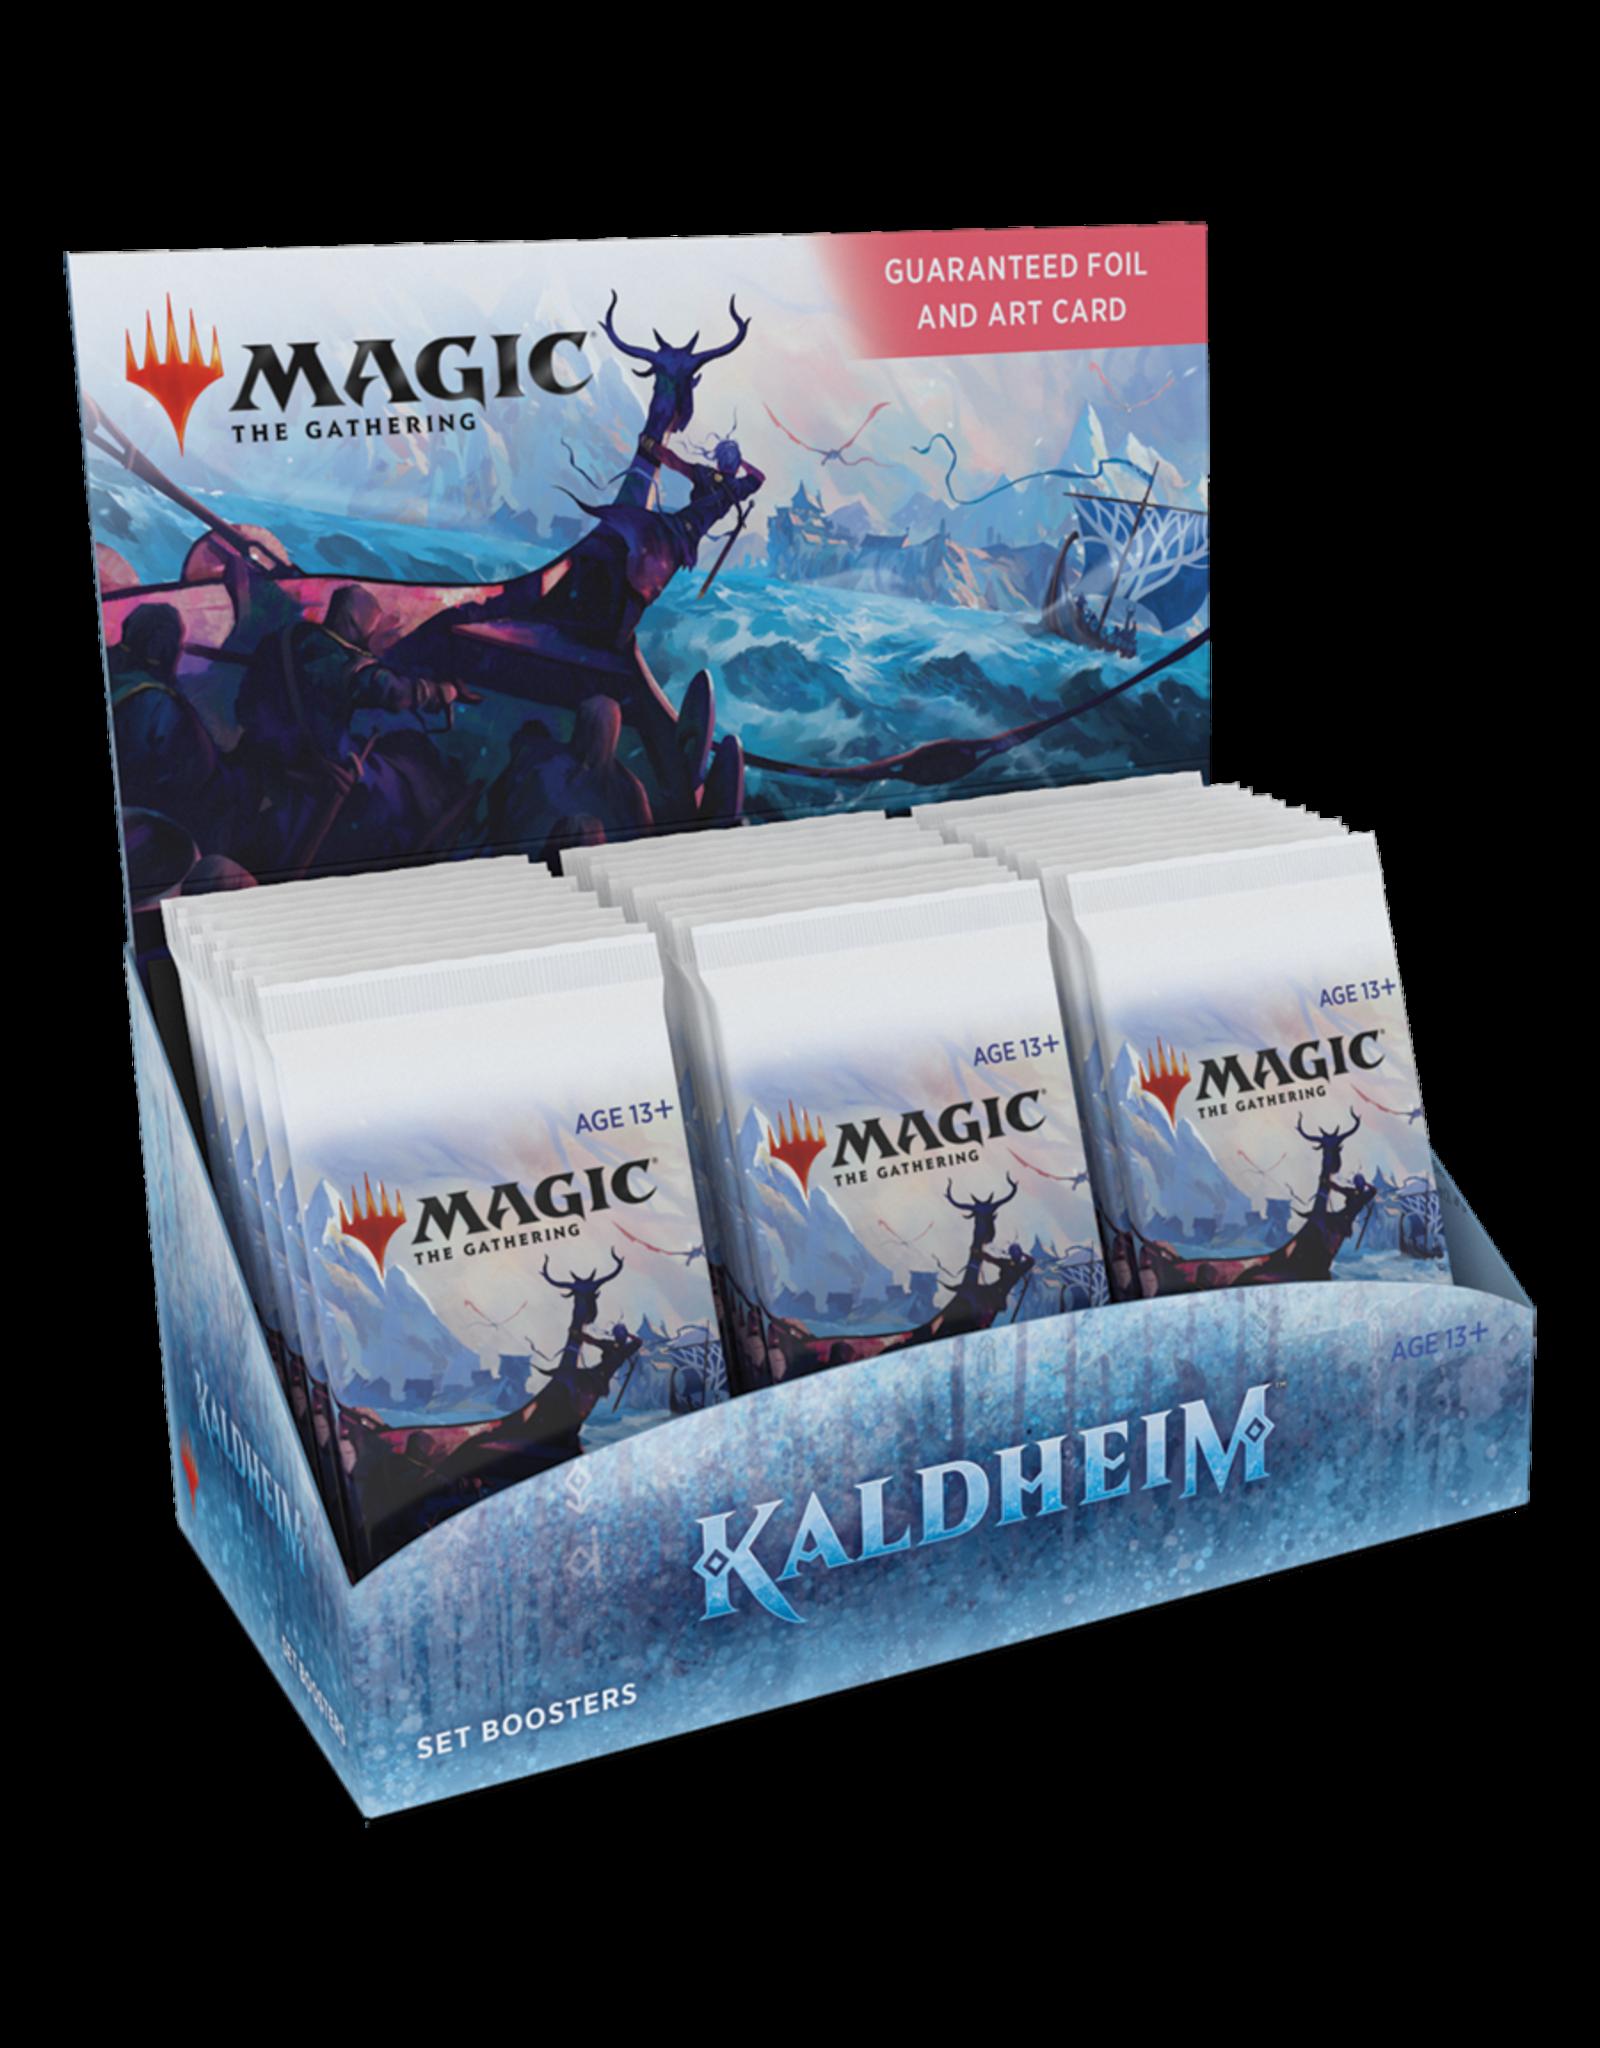 Magic the Gathering: Kaldheim Set Booster Box